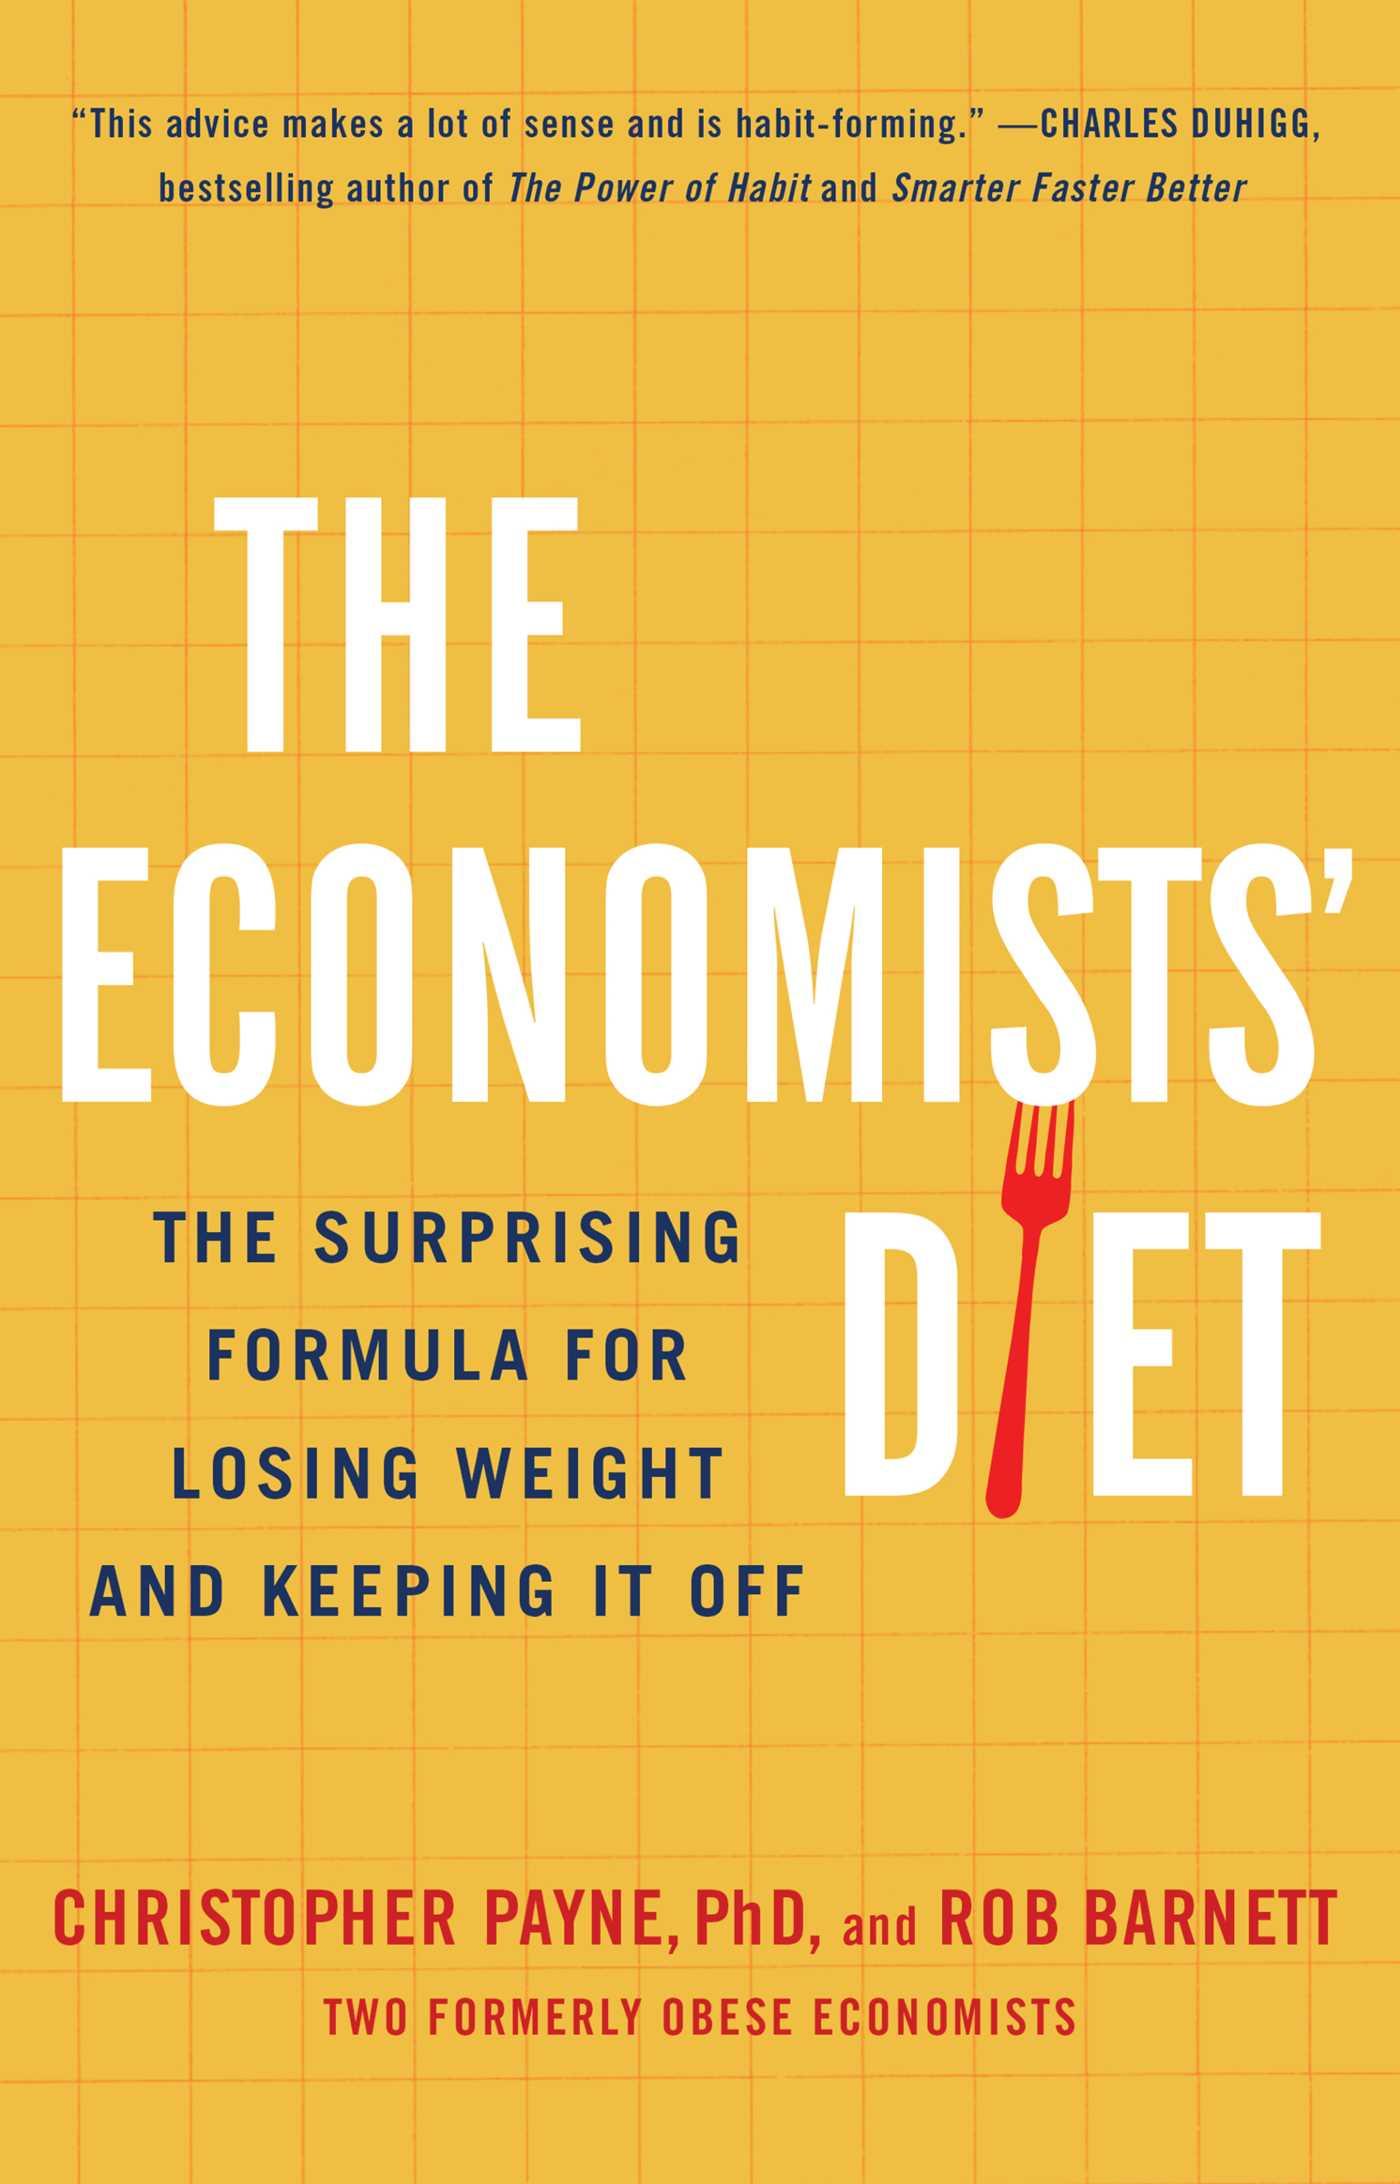 The economists diet 9781501160721 hr